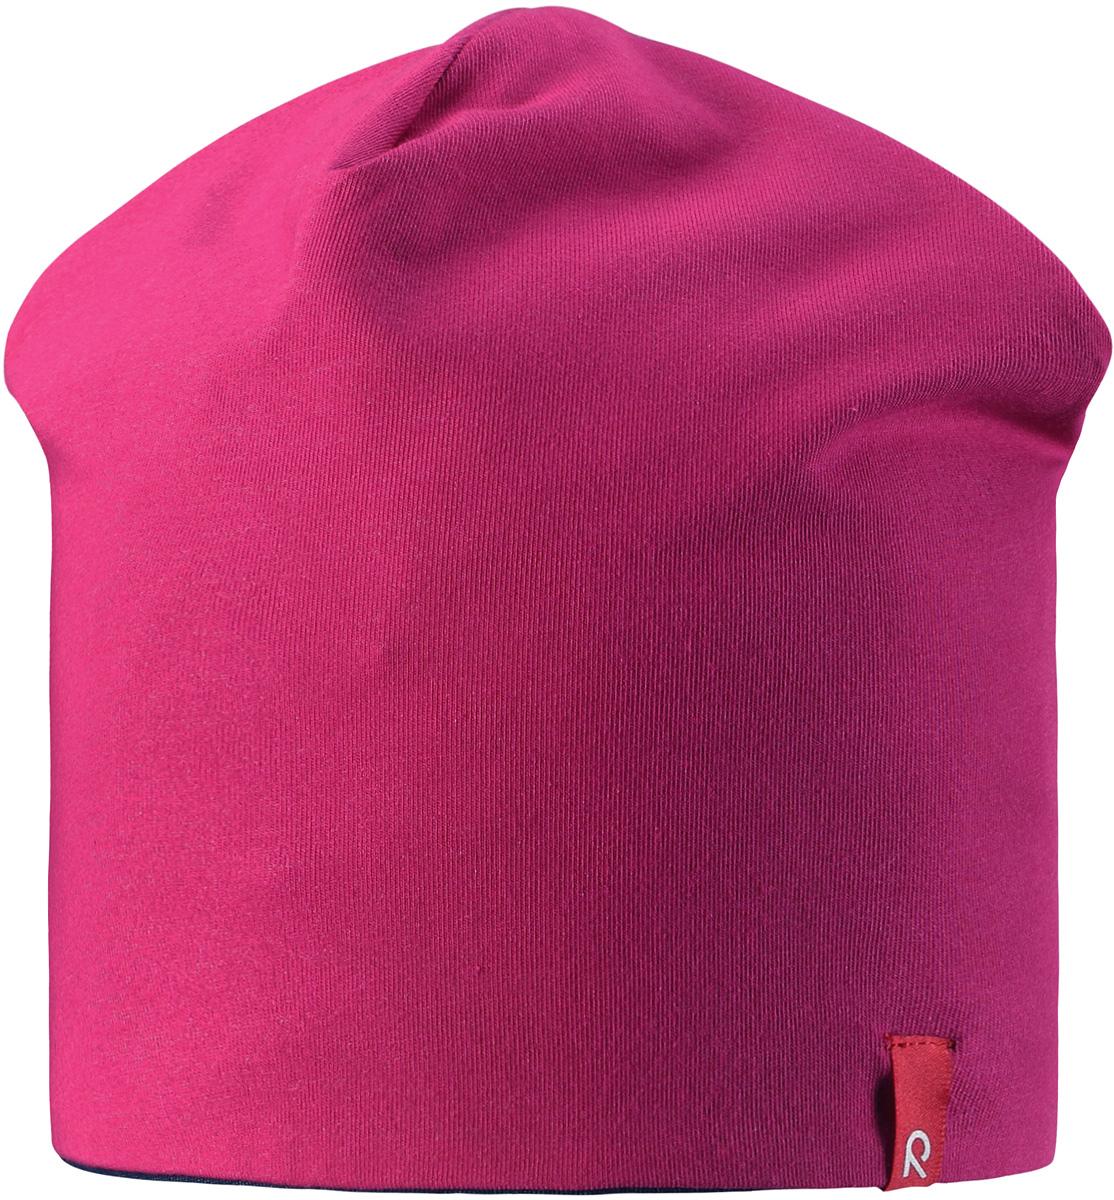 Шапка детская Reima Lautta, цвет: фуксия. 5285134620. Размер 545285134620Легкая двухсторонняя шапочка для малышей яркой расцветки с УФ-защитой 40+. Шапка изготовлена из дышащего и быстросохнущего материла Play Jersey, эффективно выводящего влагу с кожи.